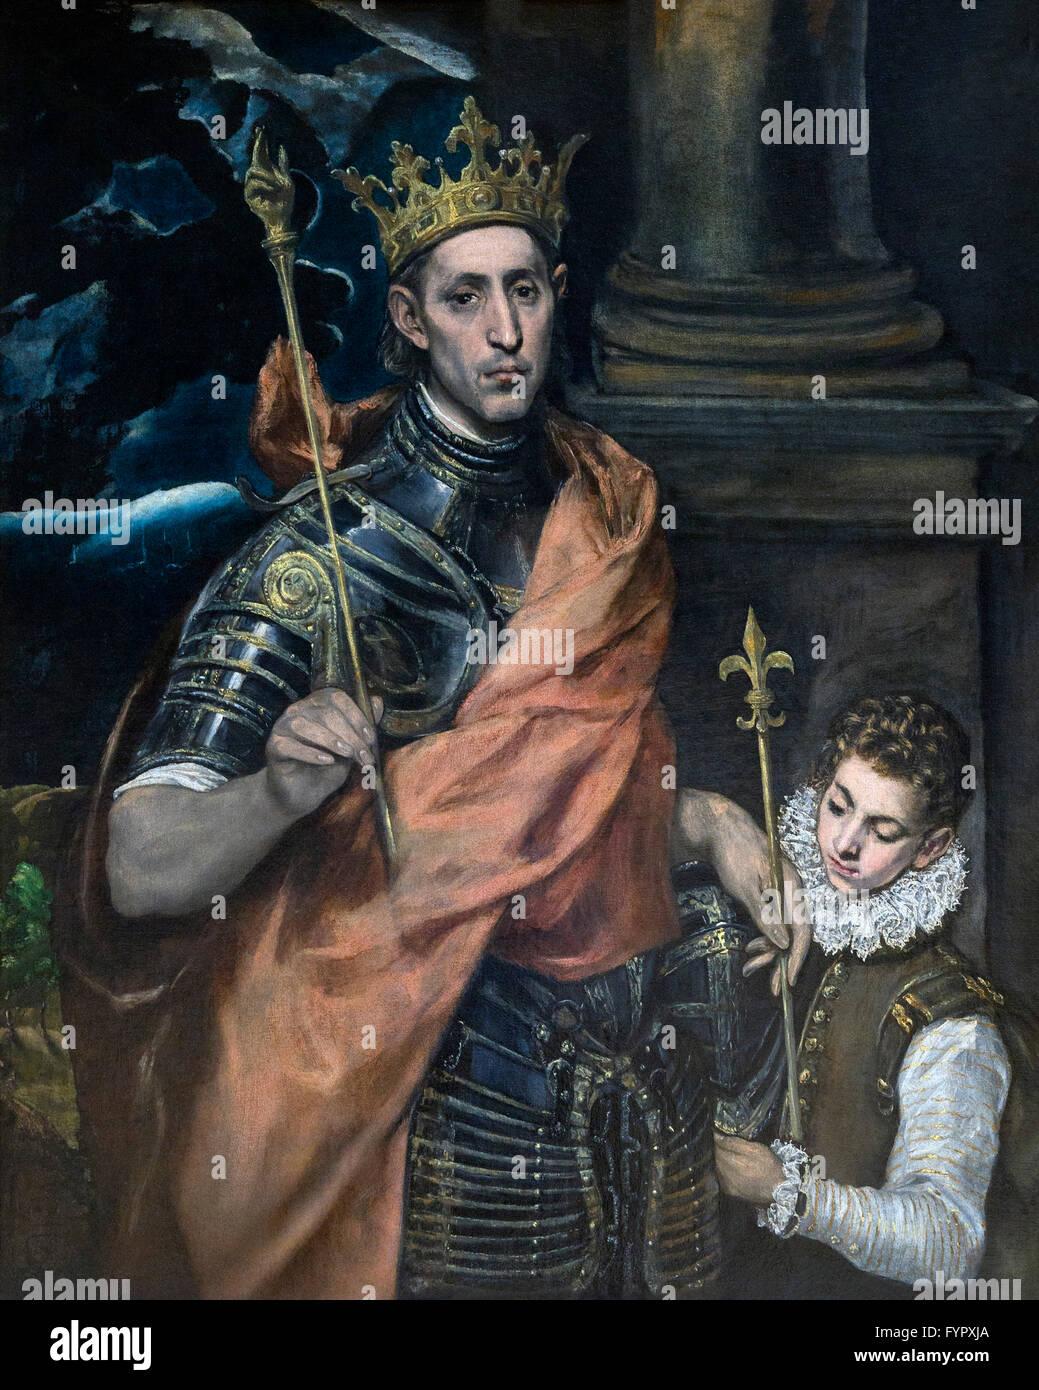 San Luis Rey de Francia con una página, de El Greco, 1585-1590, Musée du Louvre, París, Francia, Imagen De Stock